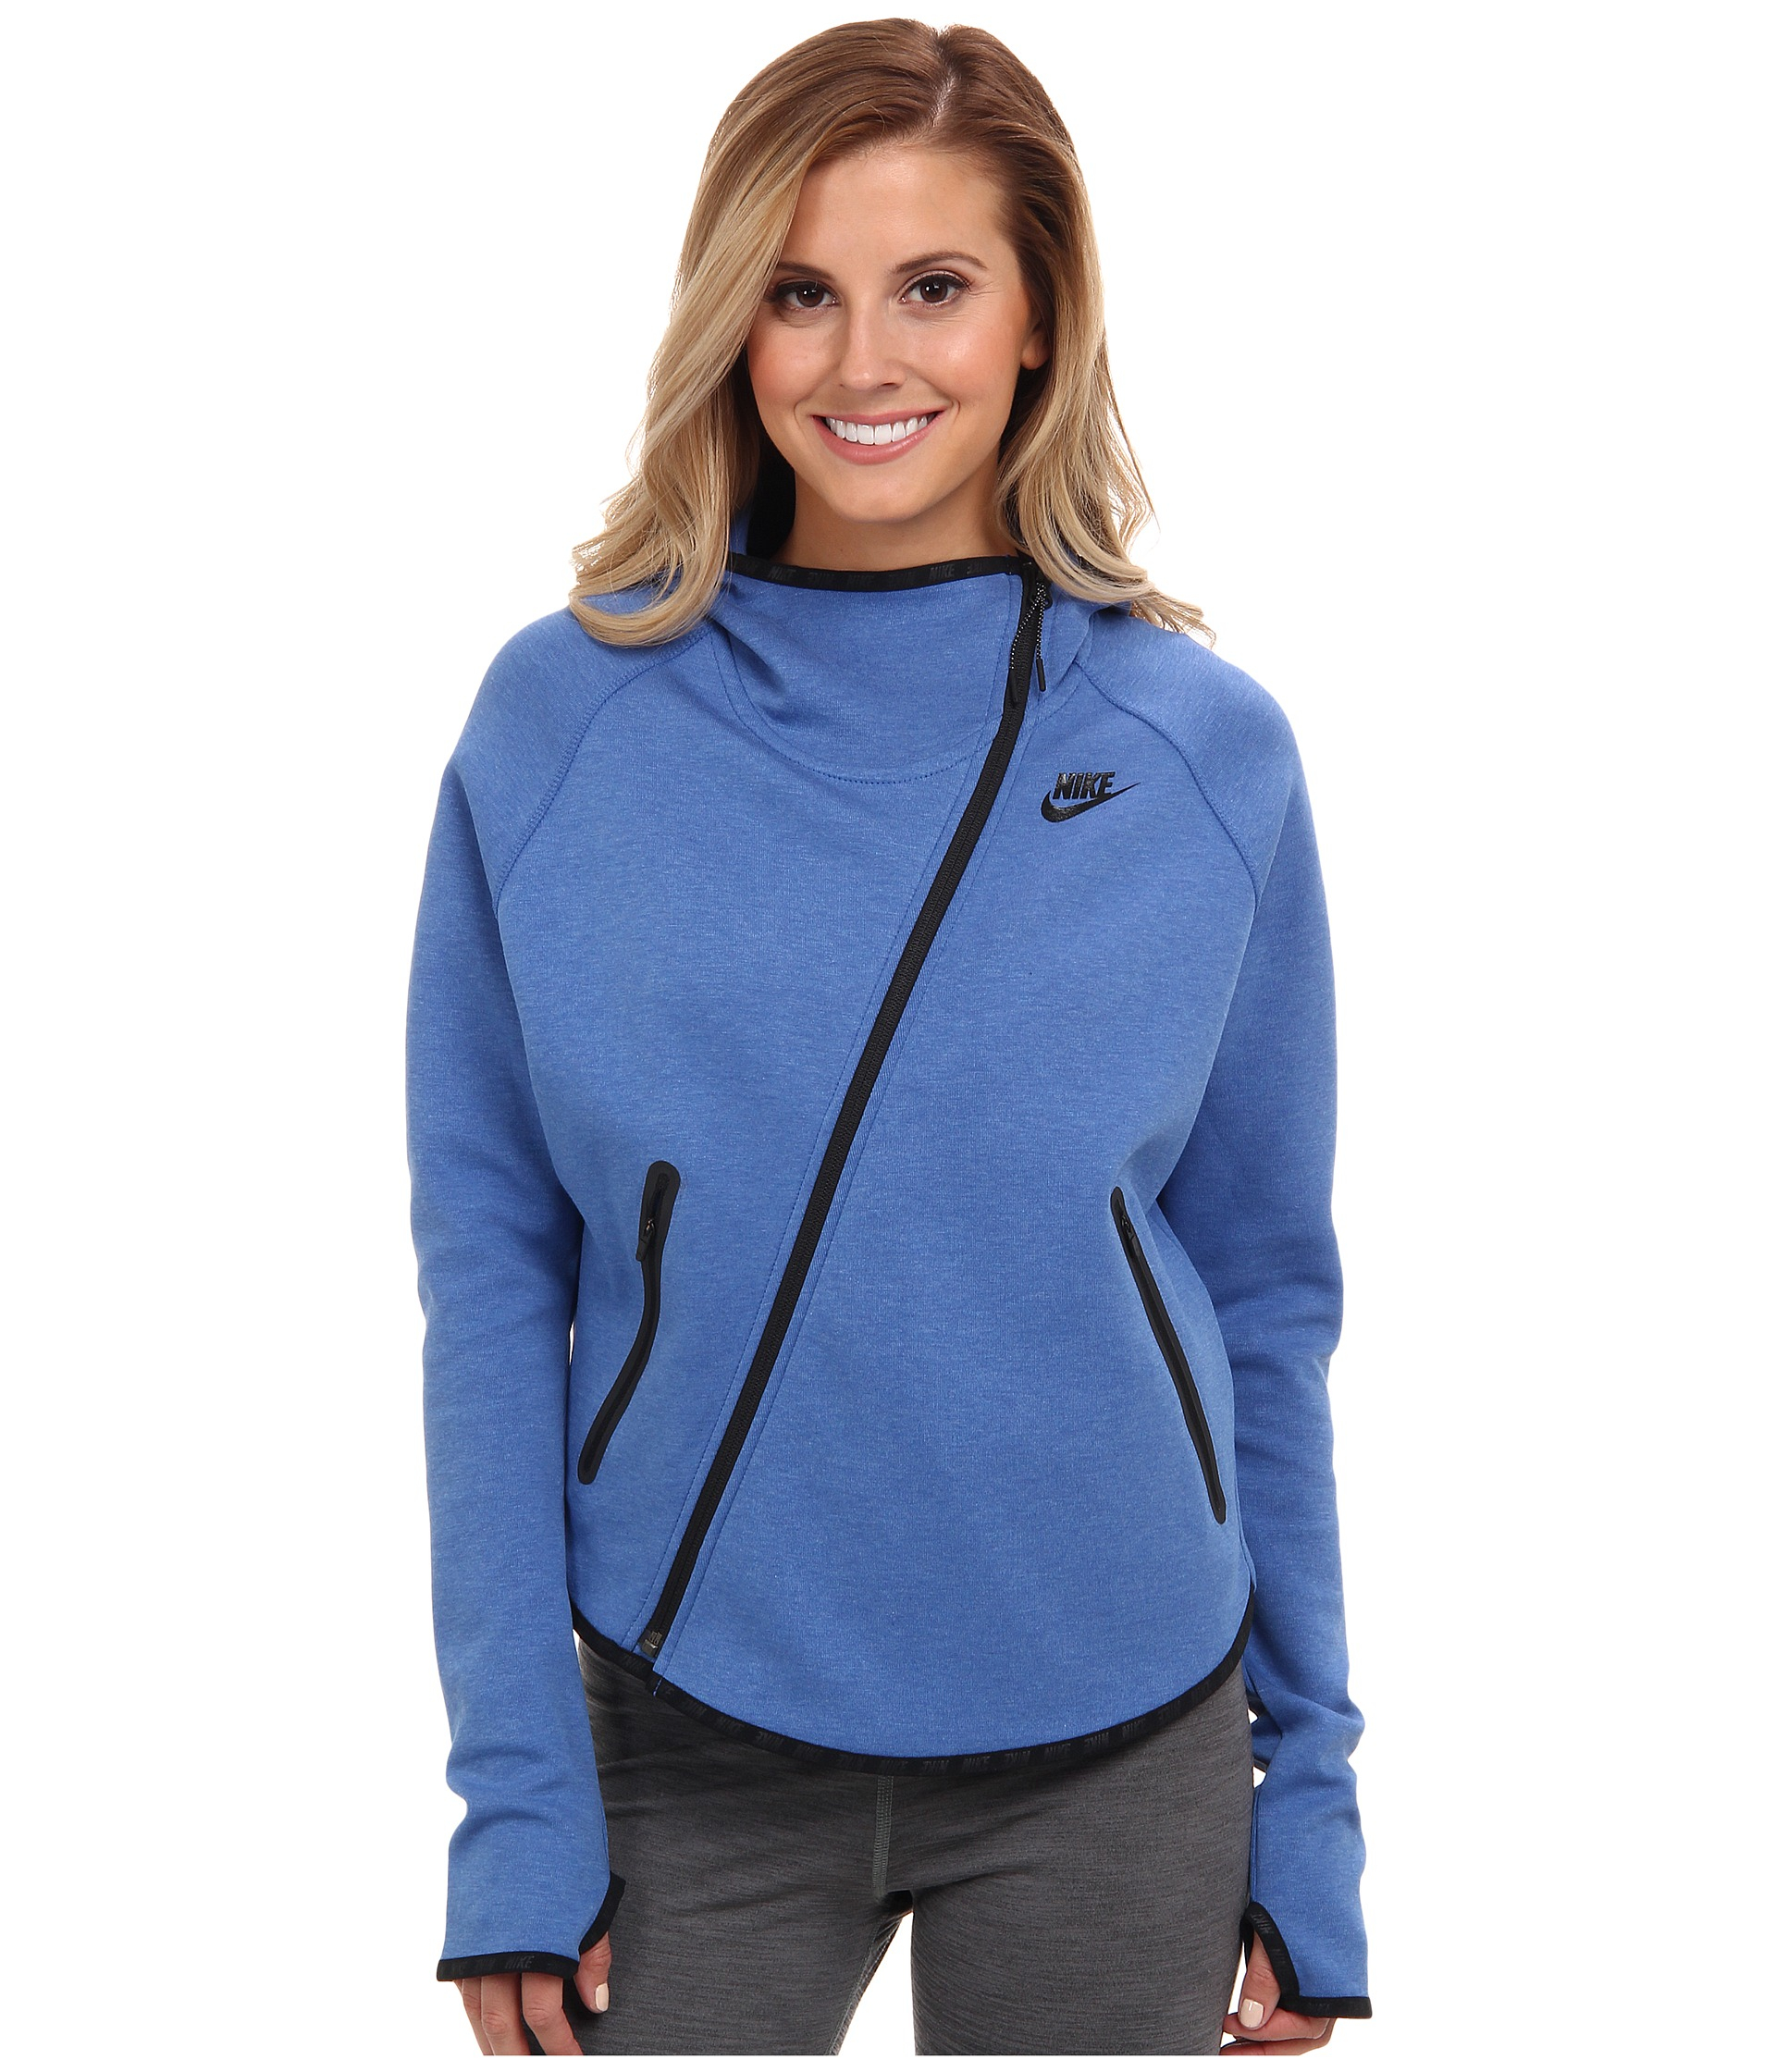 Lyst - Nike Tech Fleece Butterfly Fz Hoodie in Blue aa49b3437c